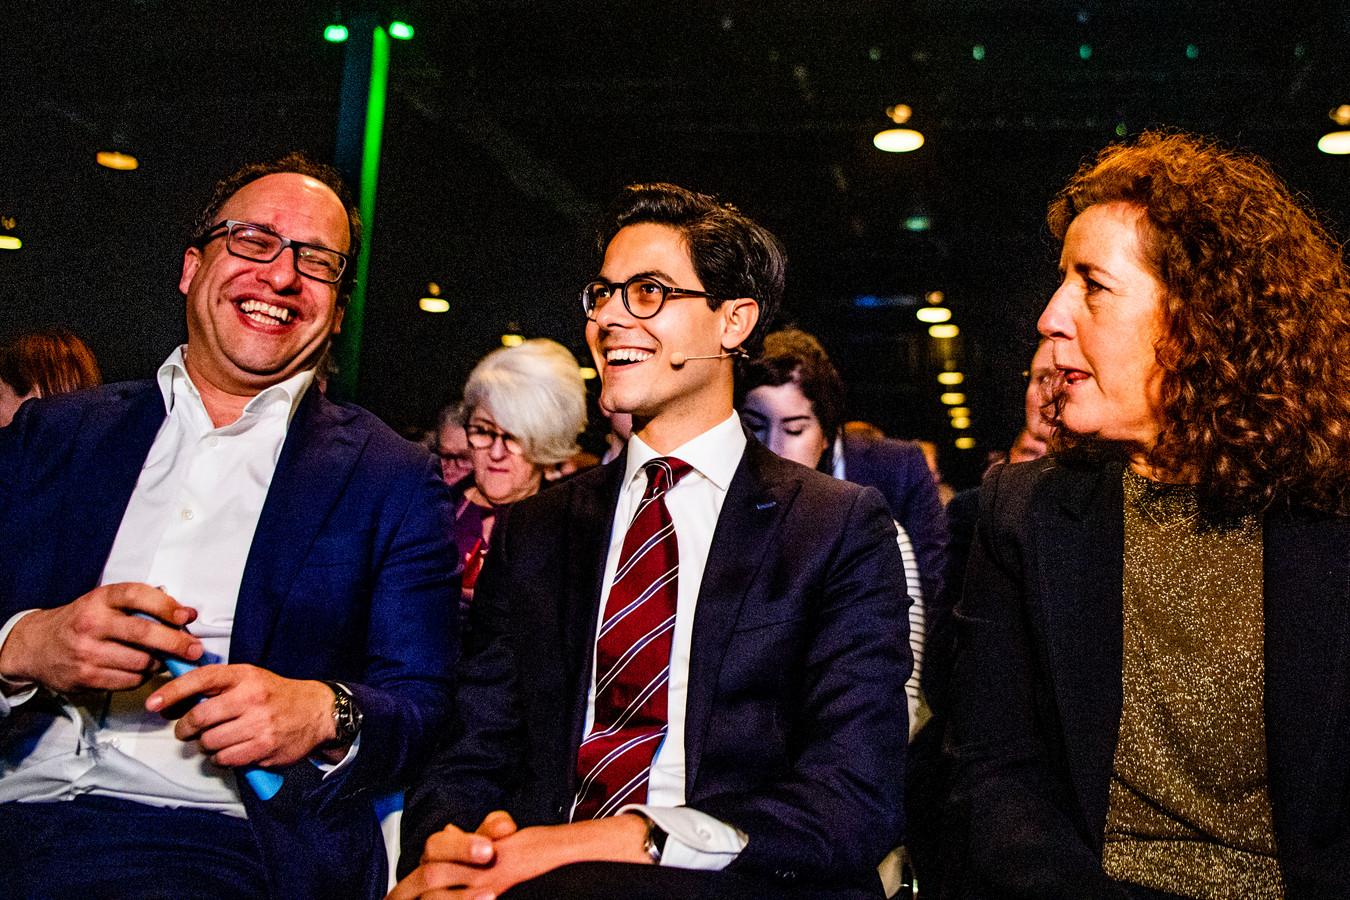 Fractieleider Rob Jetten (midden) en Onderwijsminister Ingrid van Engelshoven (rechts) lieten eerder al weten met de omstreden renteverhoging op studieleningen in de maag te zitten. Nu keert ook het D66-congres zich tegen de maatregel.